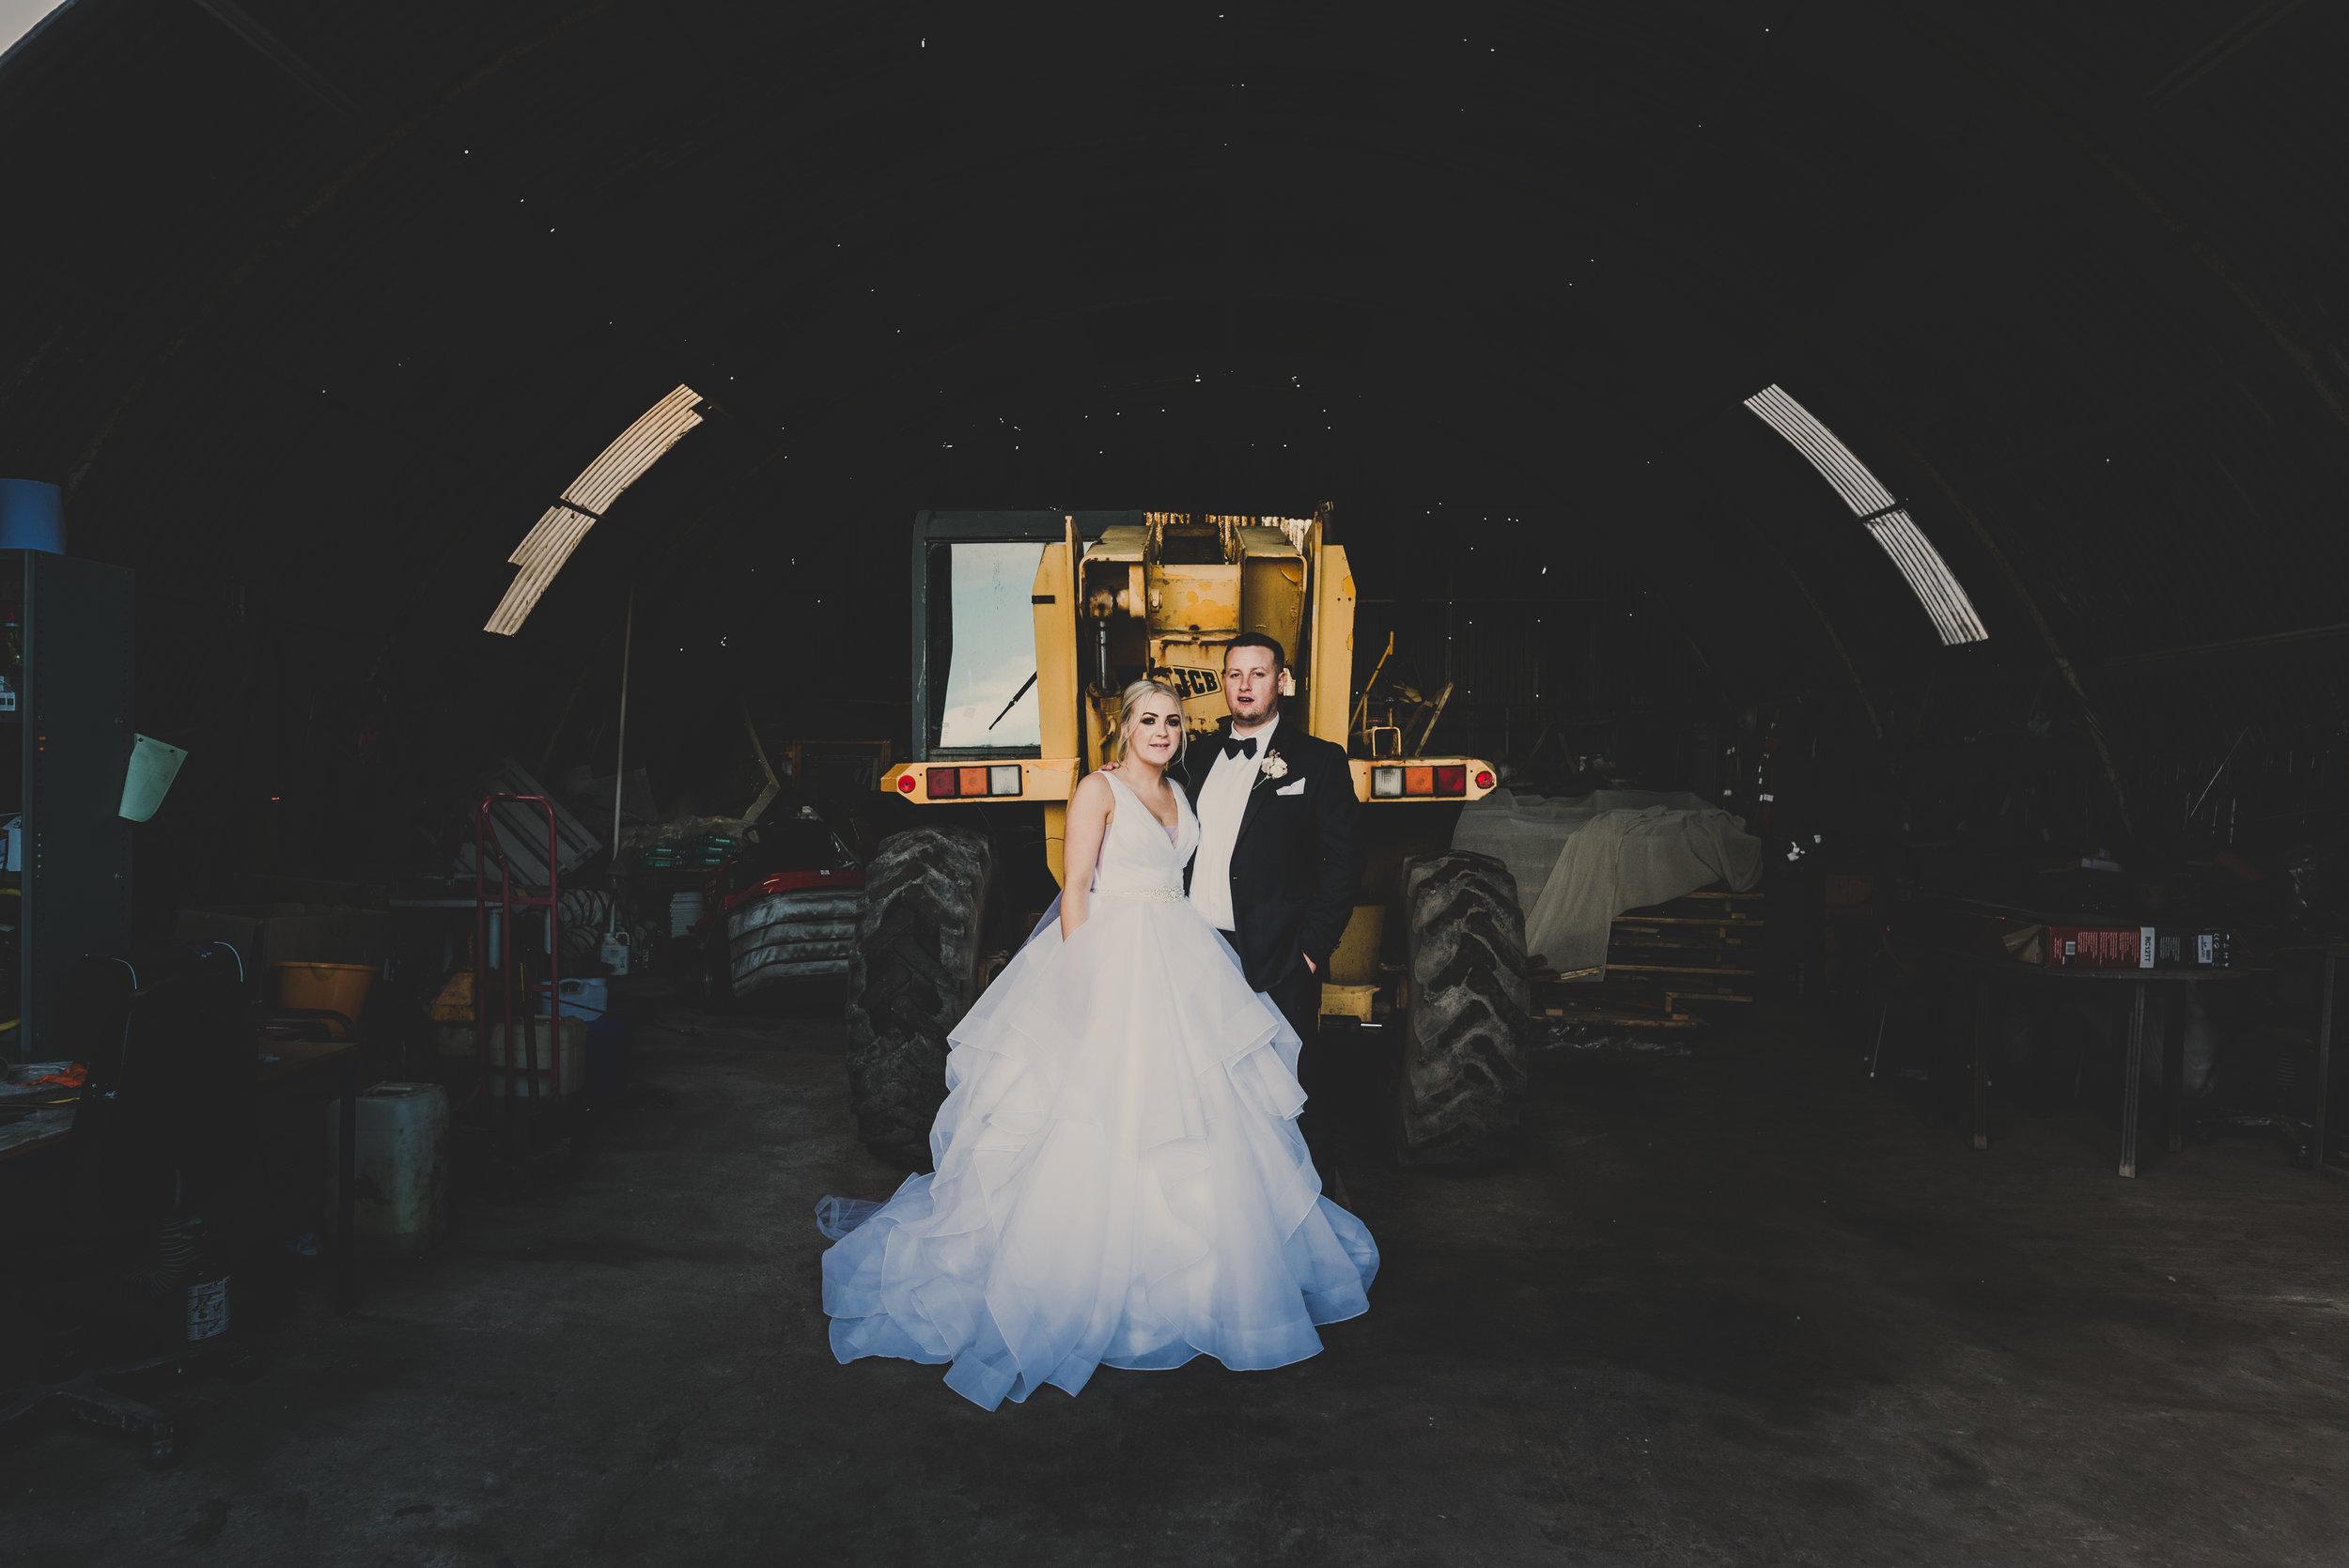 london-wedding-photographer-eden-wedding-barn-the-asylum-maverick-projects (45).jpg